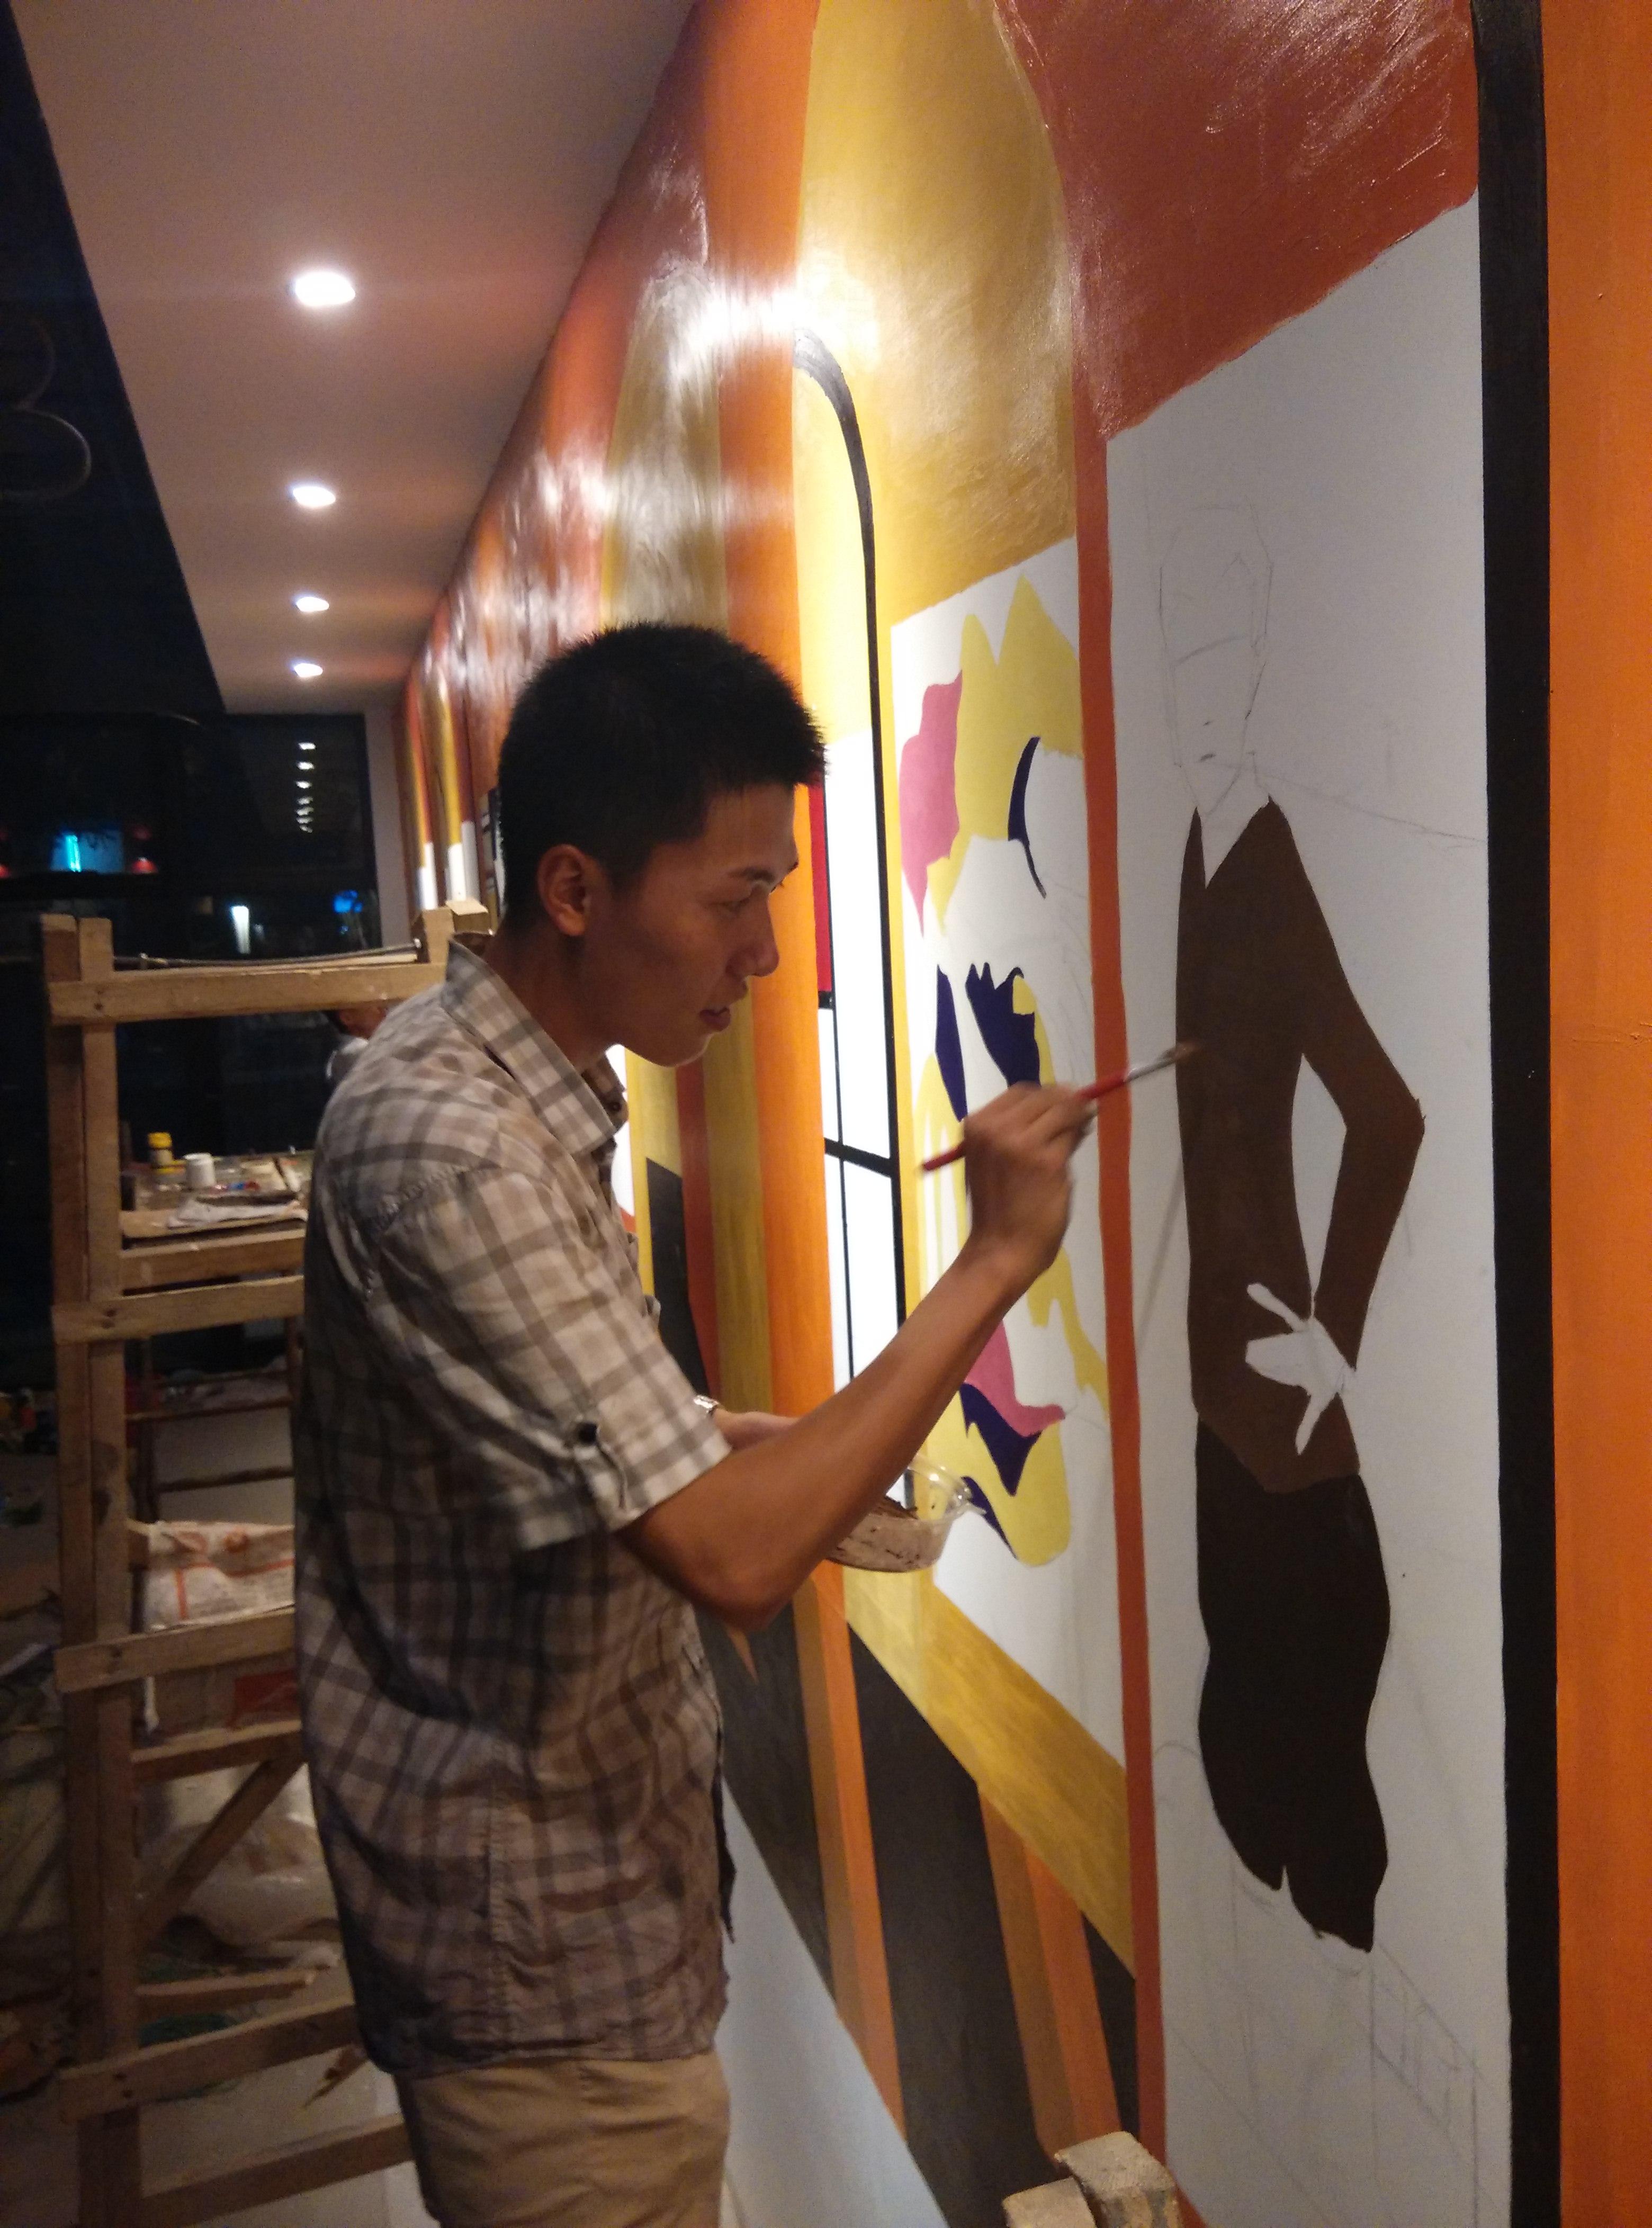 天津时代奥城咖啡厅墙体绘画|其他|墙绘/立体画|lc图片